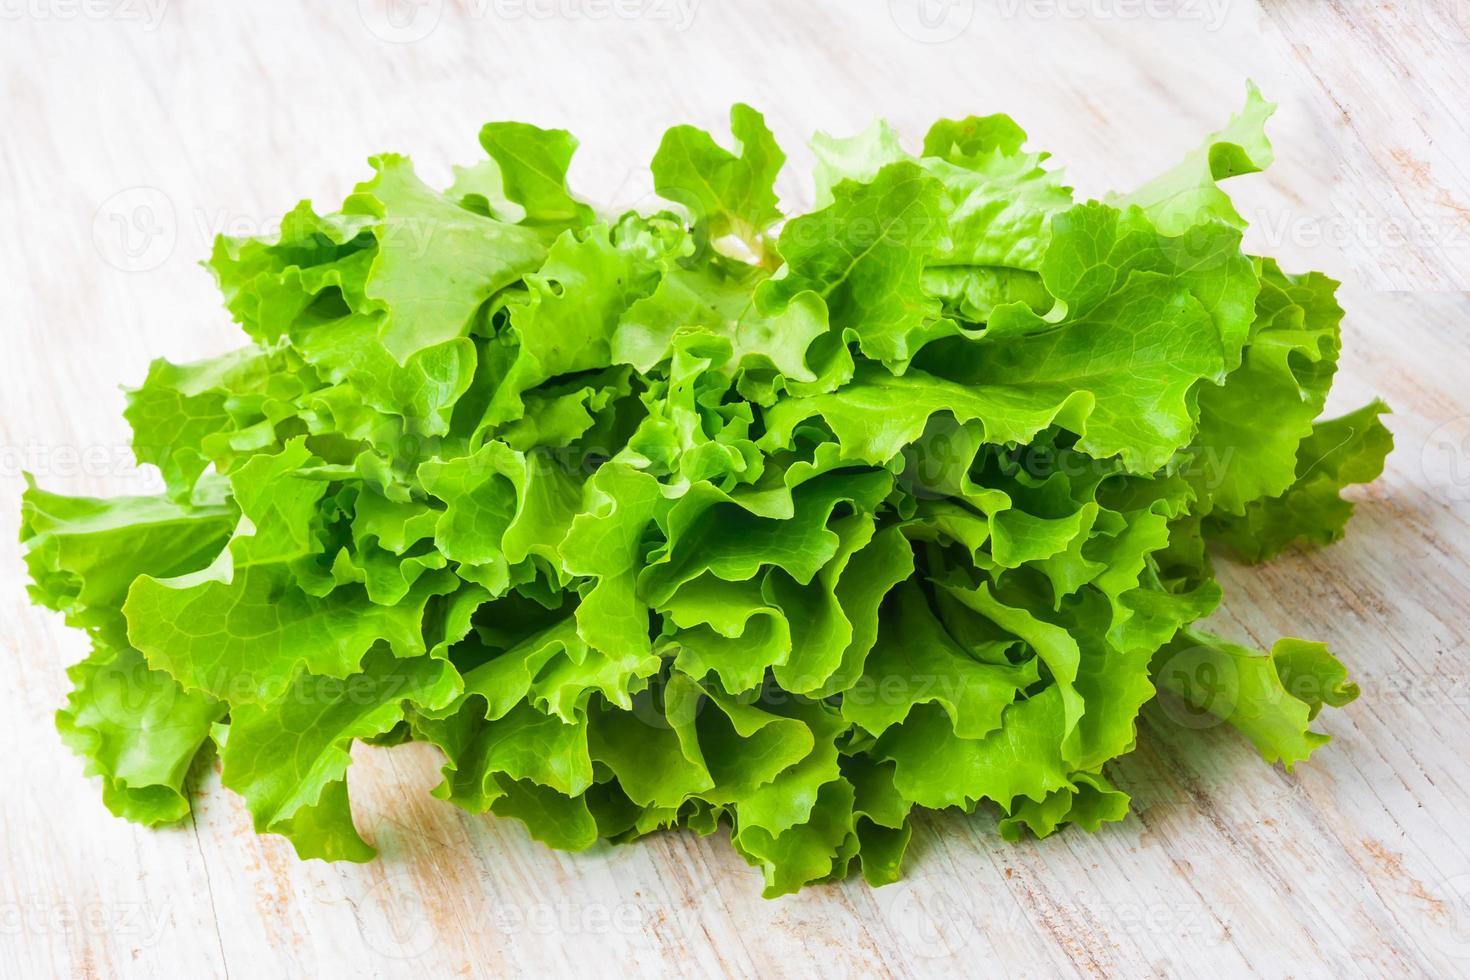 frischer Salat auf einem Holztisch foto